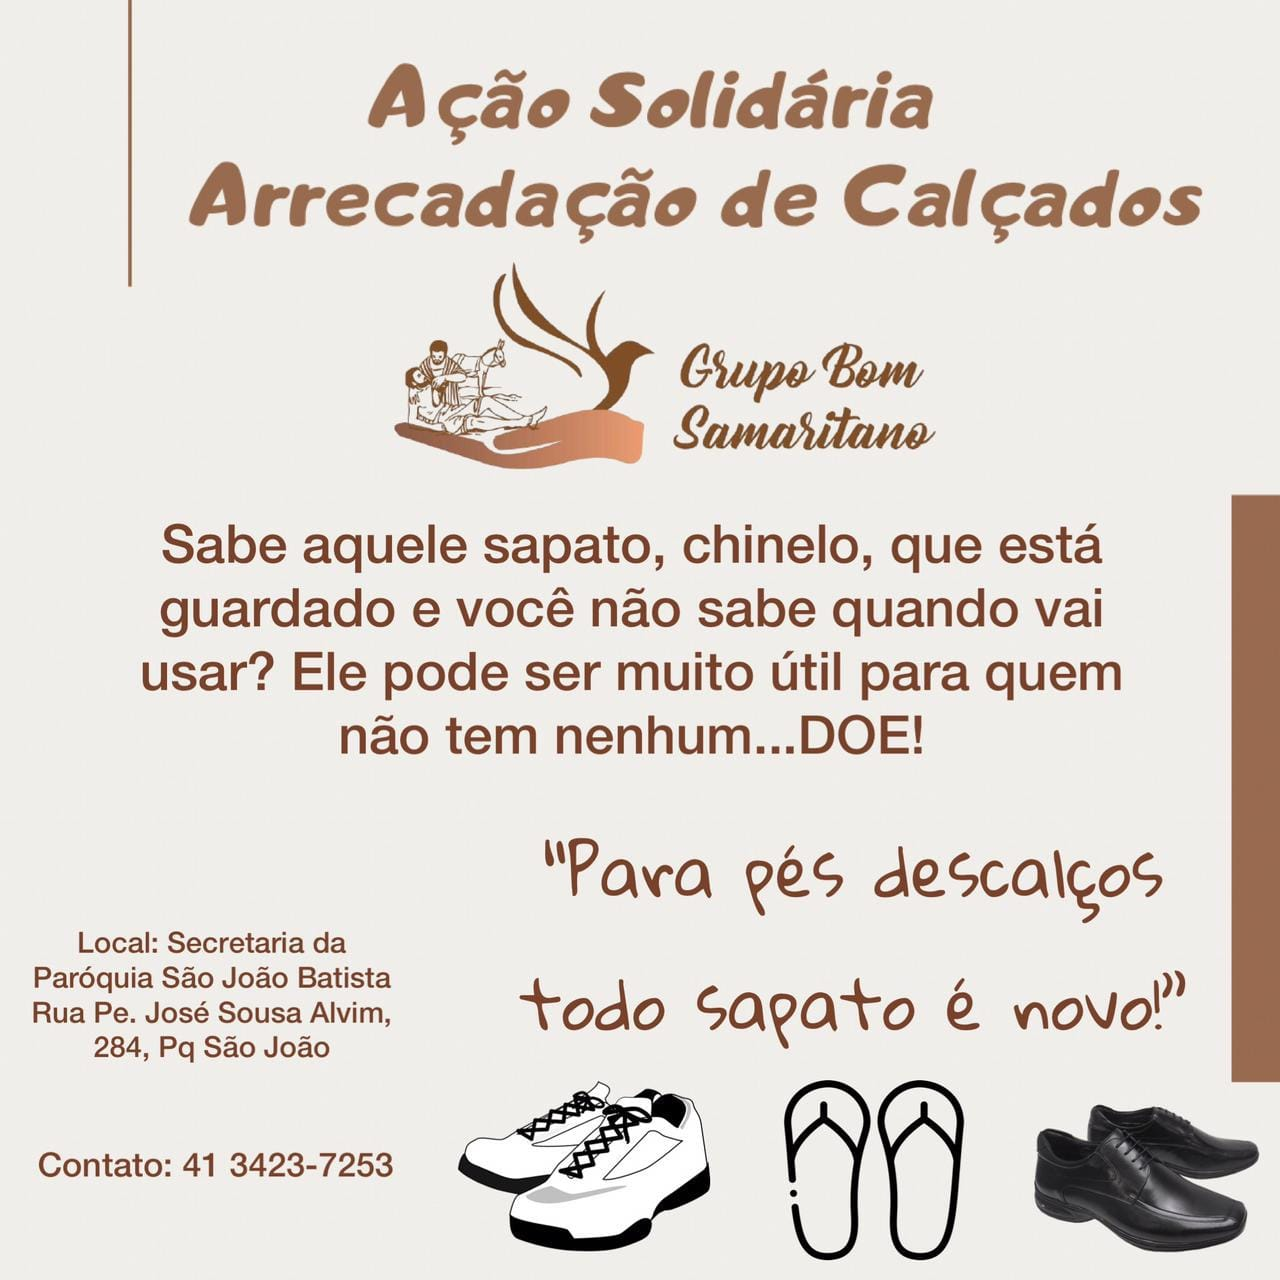 Grupo Bom Samaritano realiza ação solidária de arrecadação de sapatos